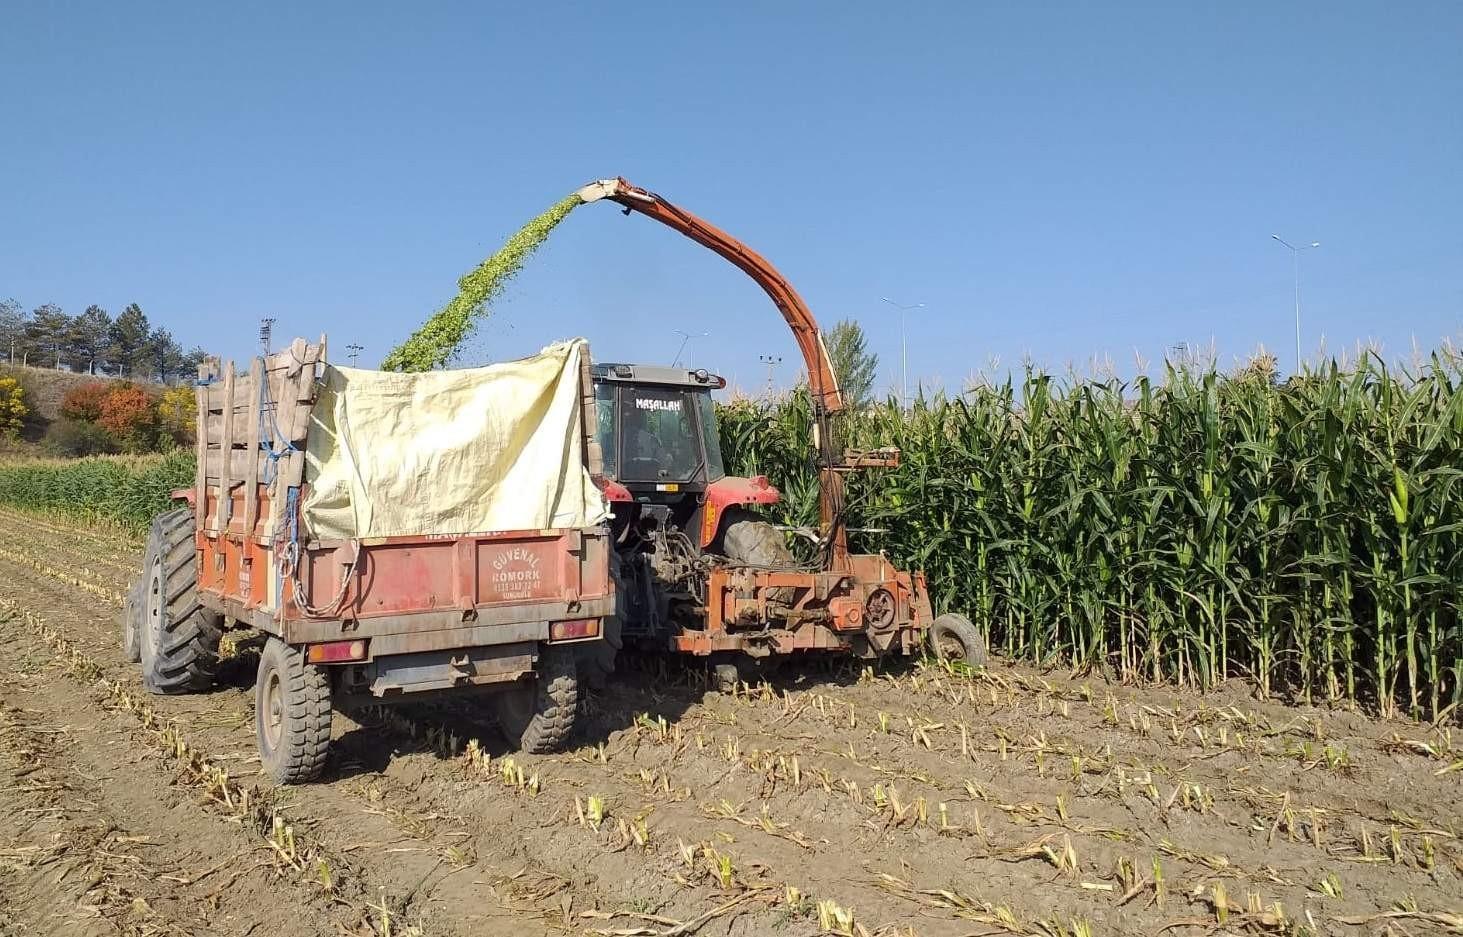 Sungurlu'da silajlık mısır hasadına başlandı #corum